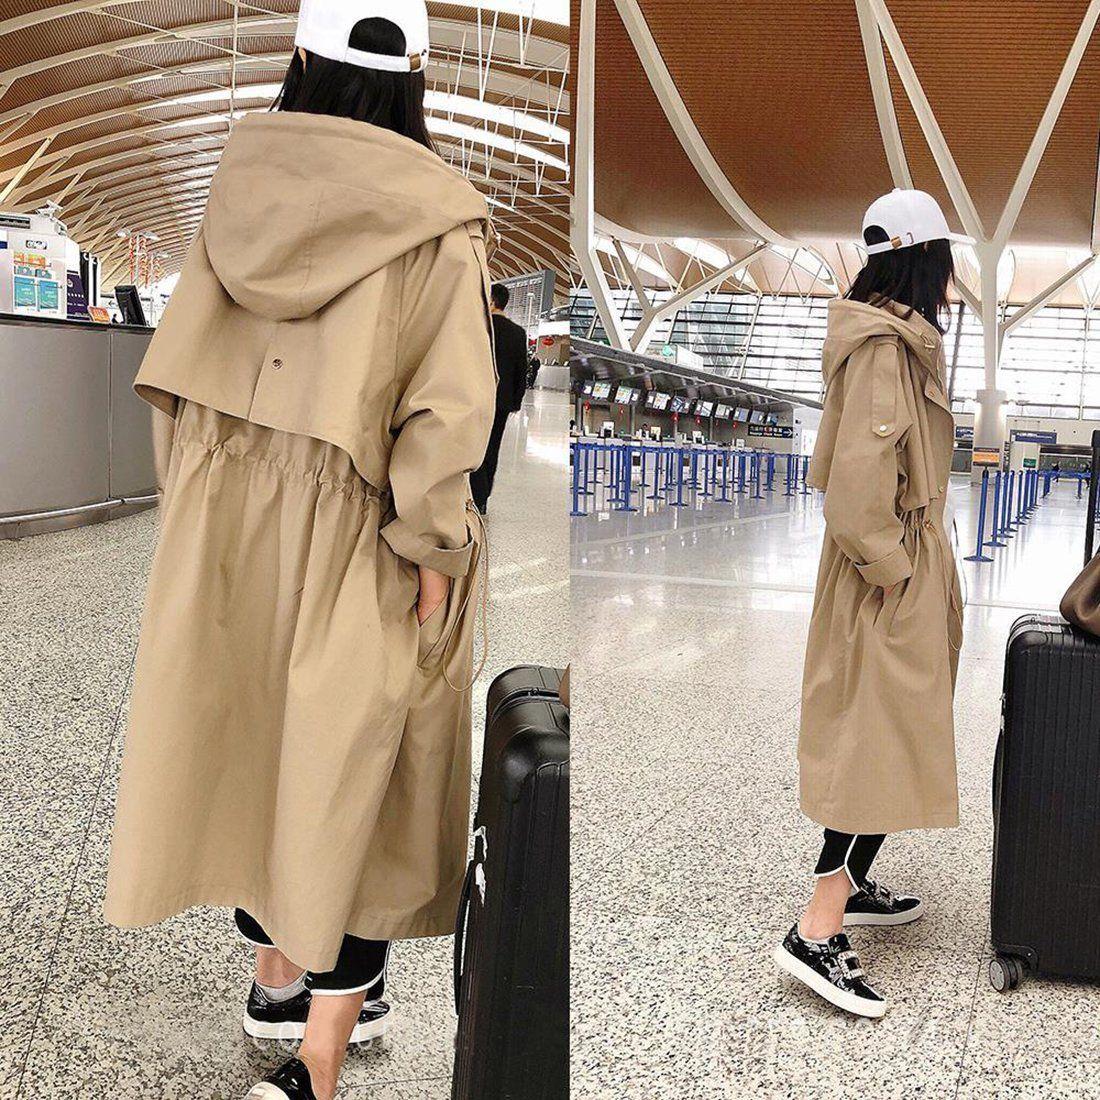 Manteau pour femme en coton décontracté Trench à capuche X-long en vrac Outwear surdimensionné pour l'automne   – Fashion & style 4